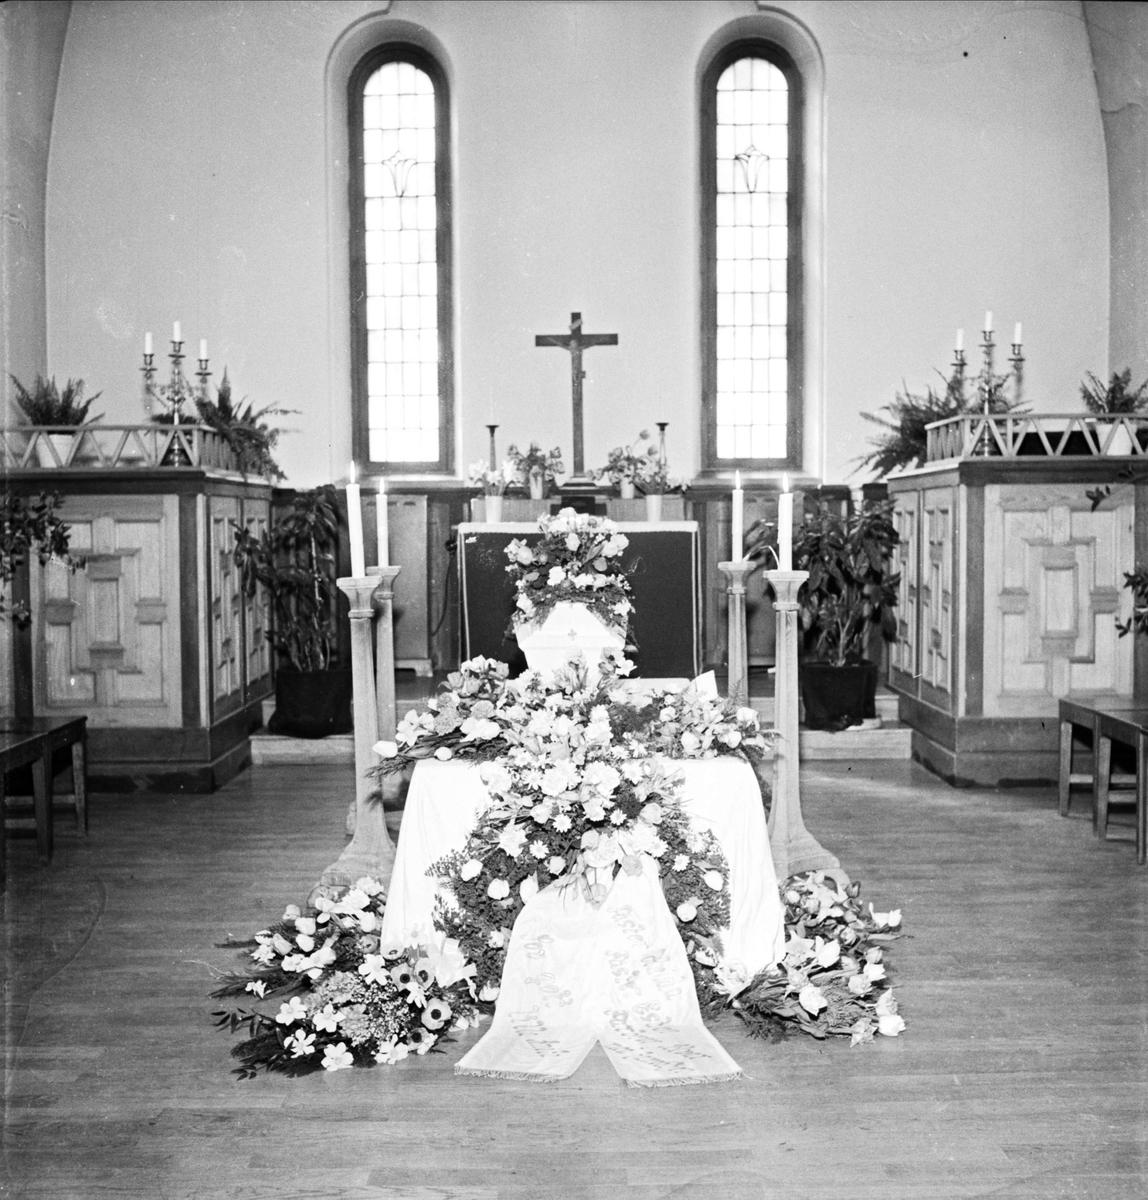 Jordfästning i kyrka, sannolikt i Uppsala 1954